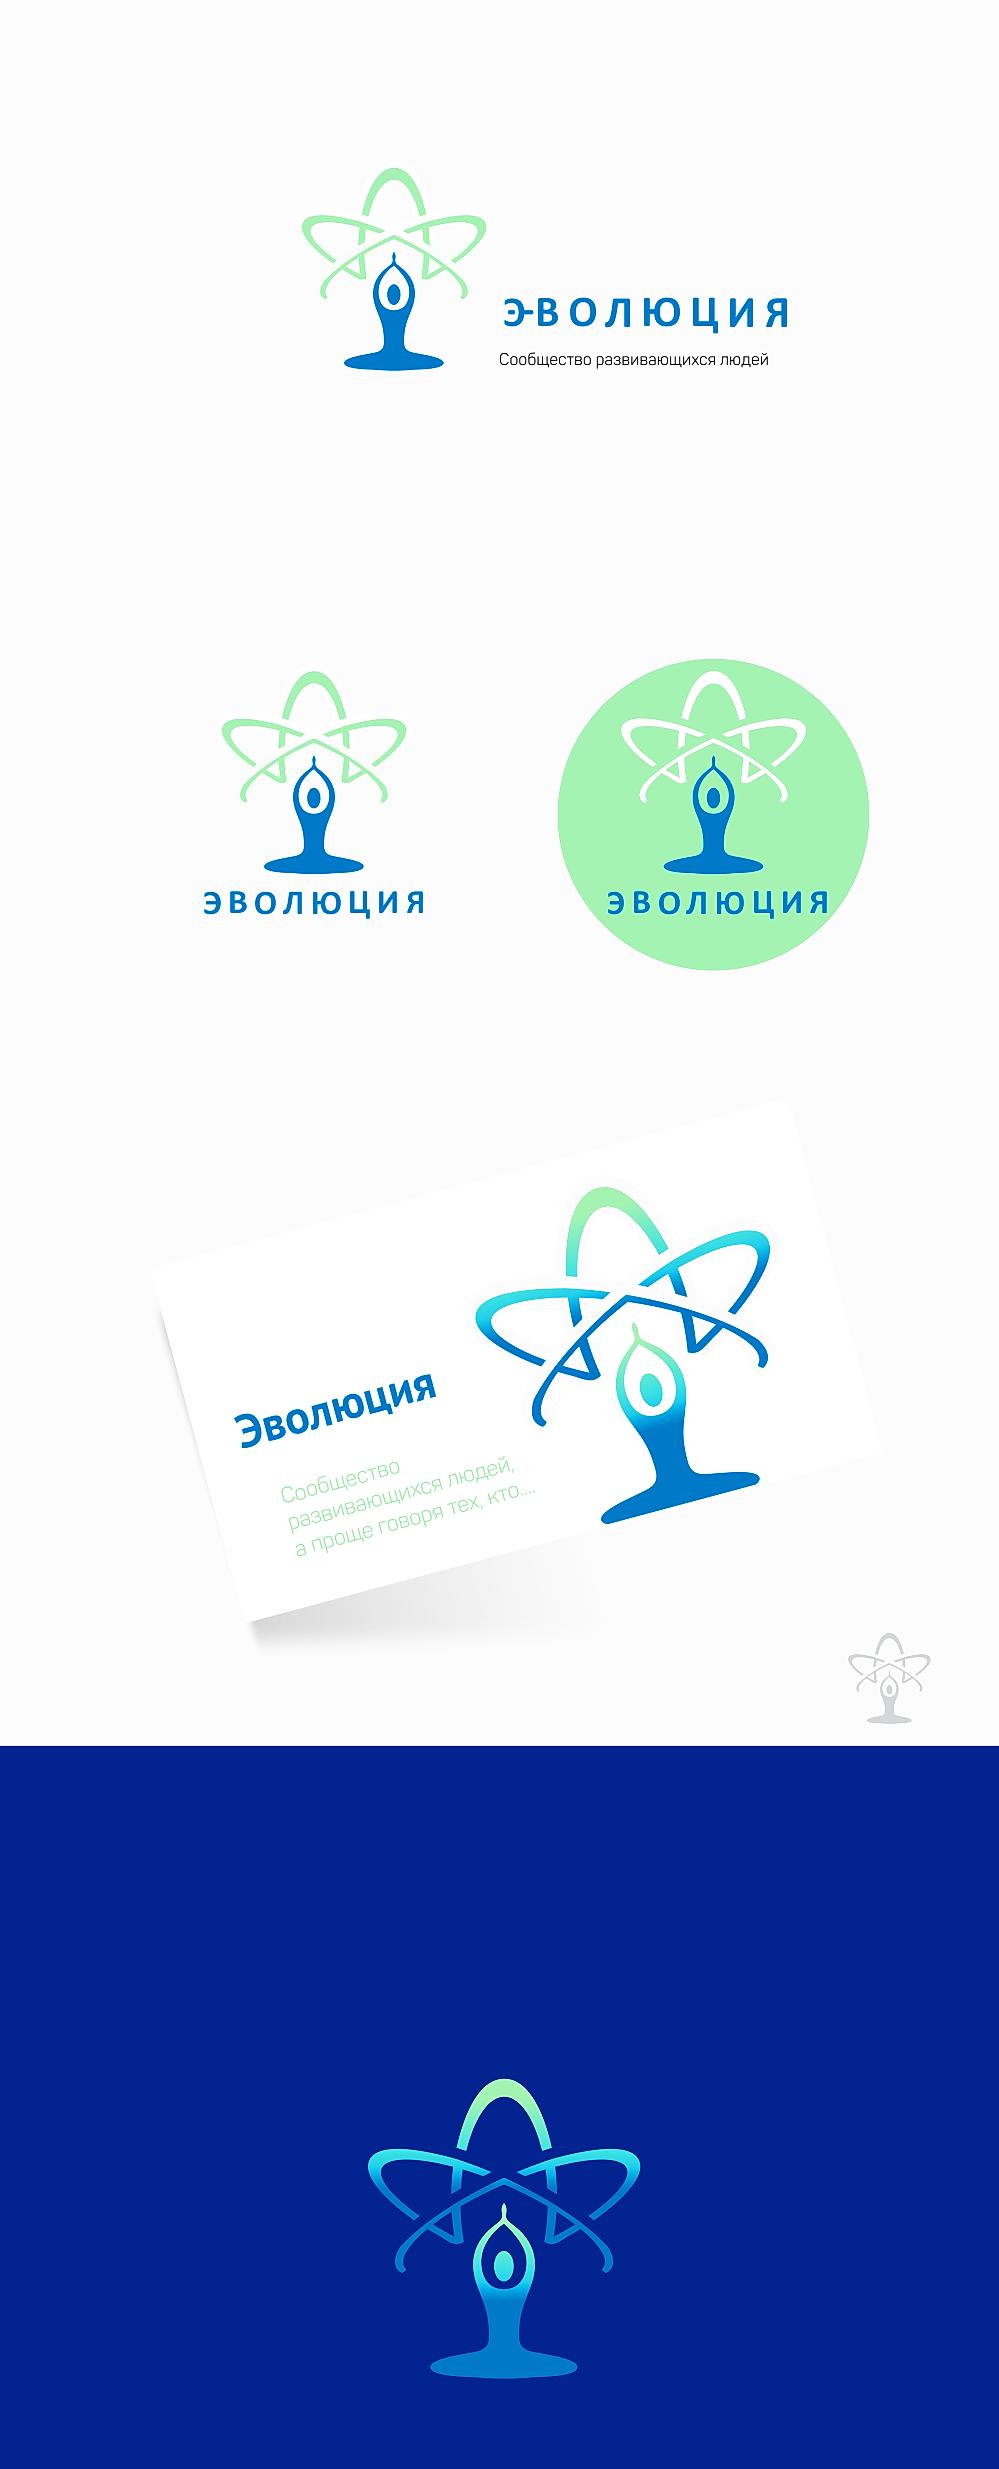 Разработать логотип для Онлайн-школы и сообщества фото f_6985bc961736f6fb.png